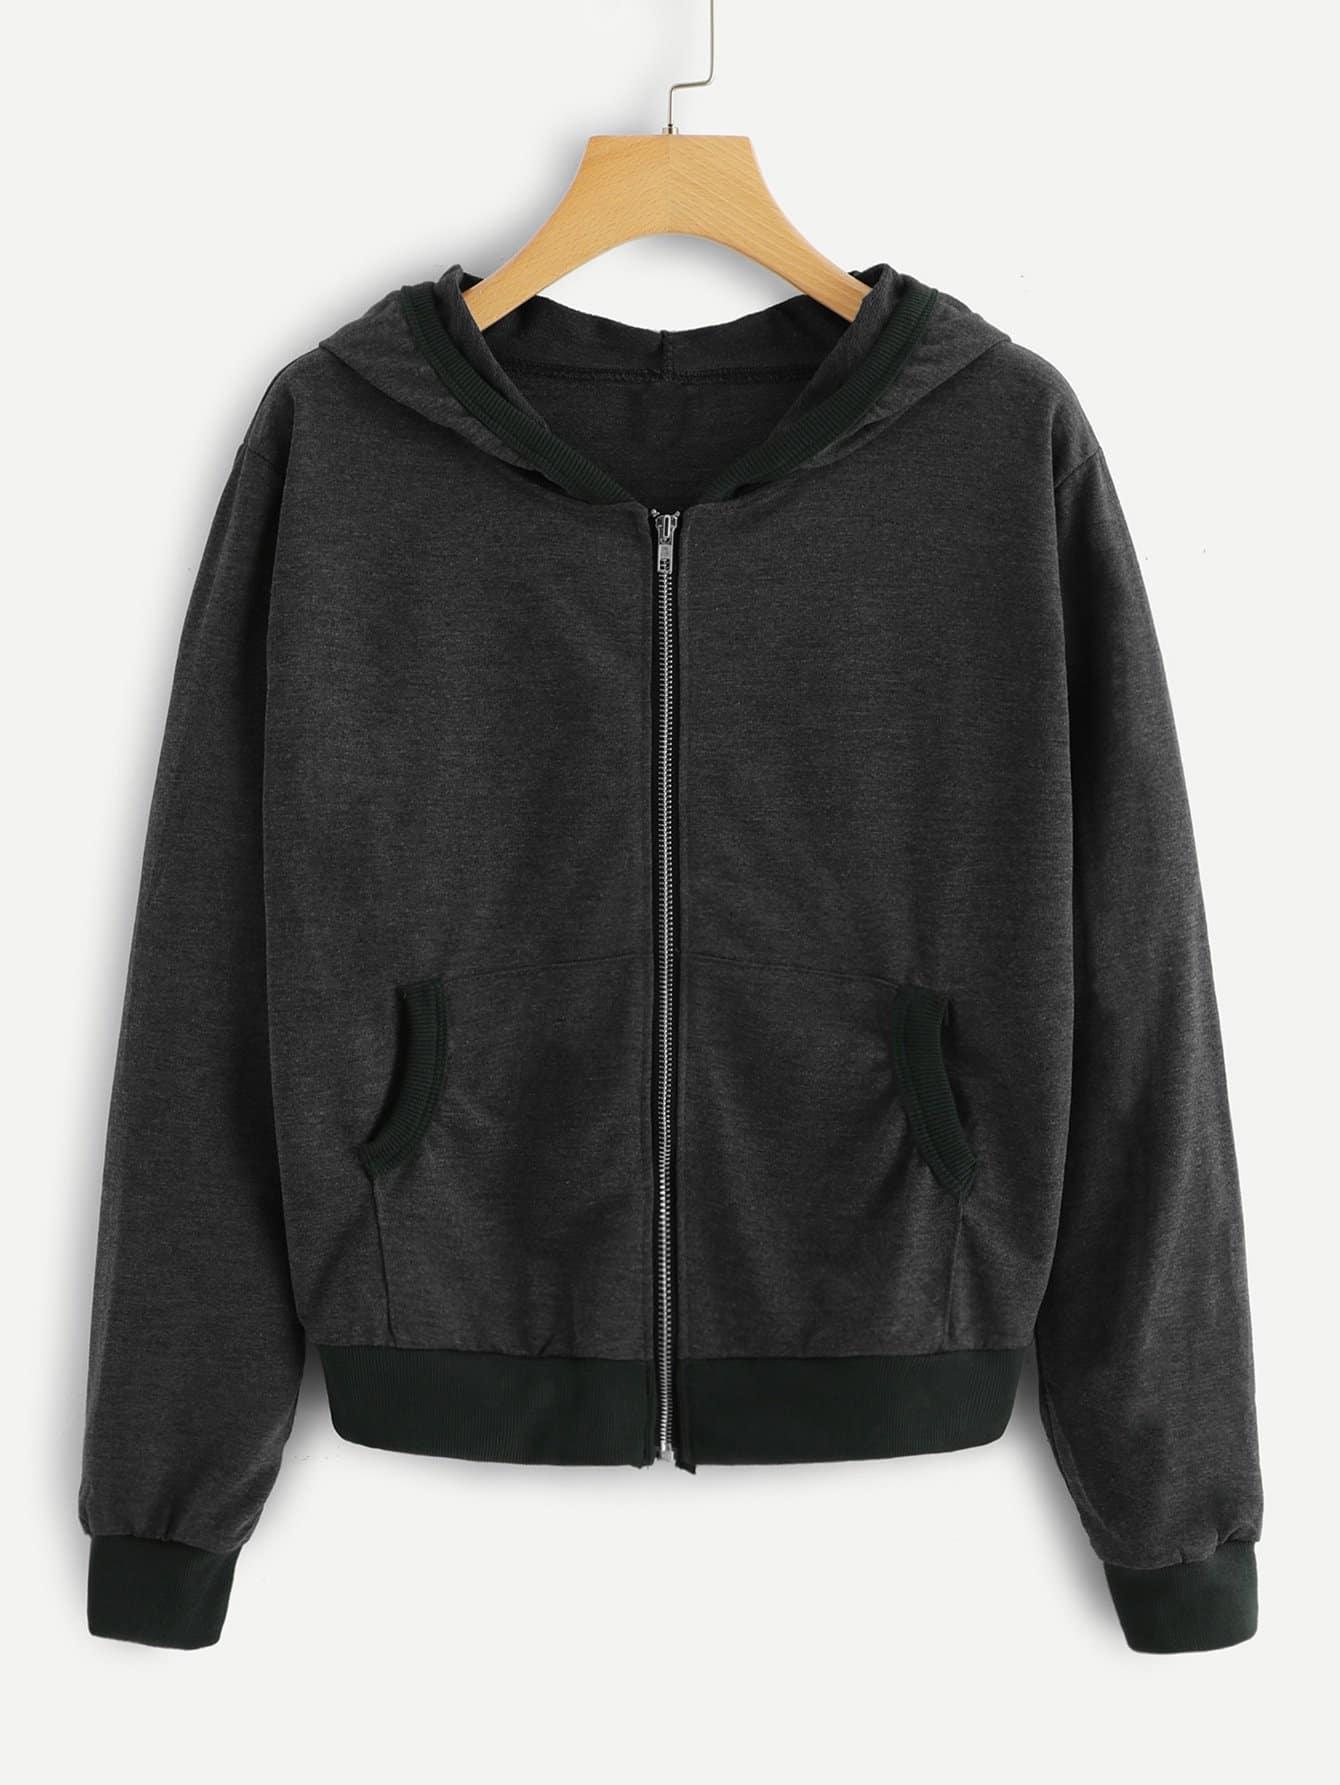 Купить Повседневный Одноцветный на молнии Серый Жакеты + Куртки, null, SheIn